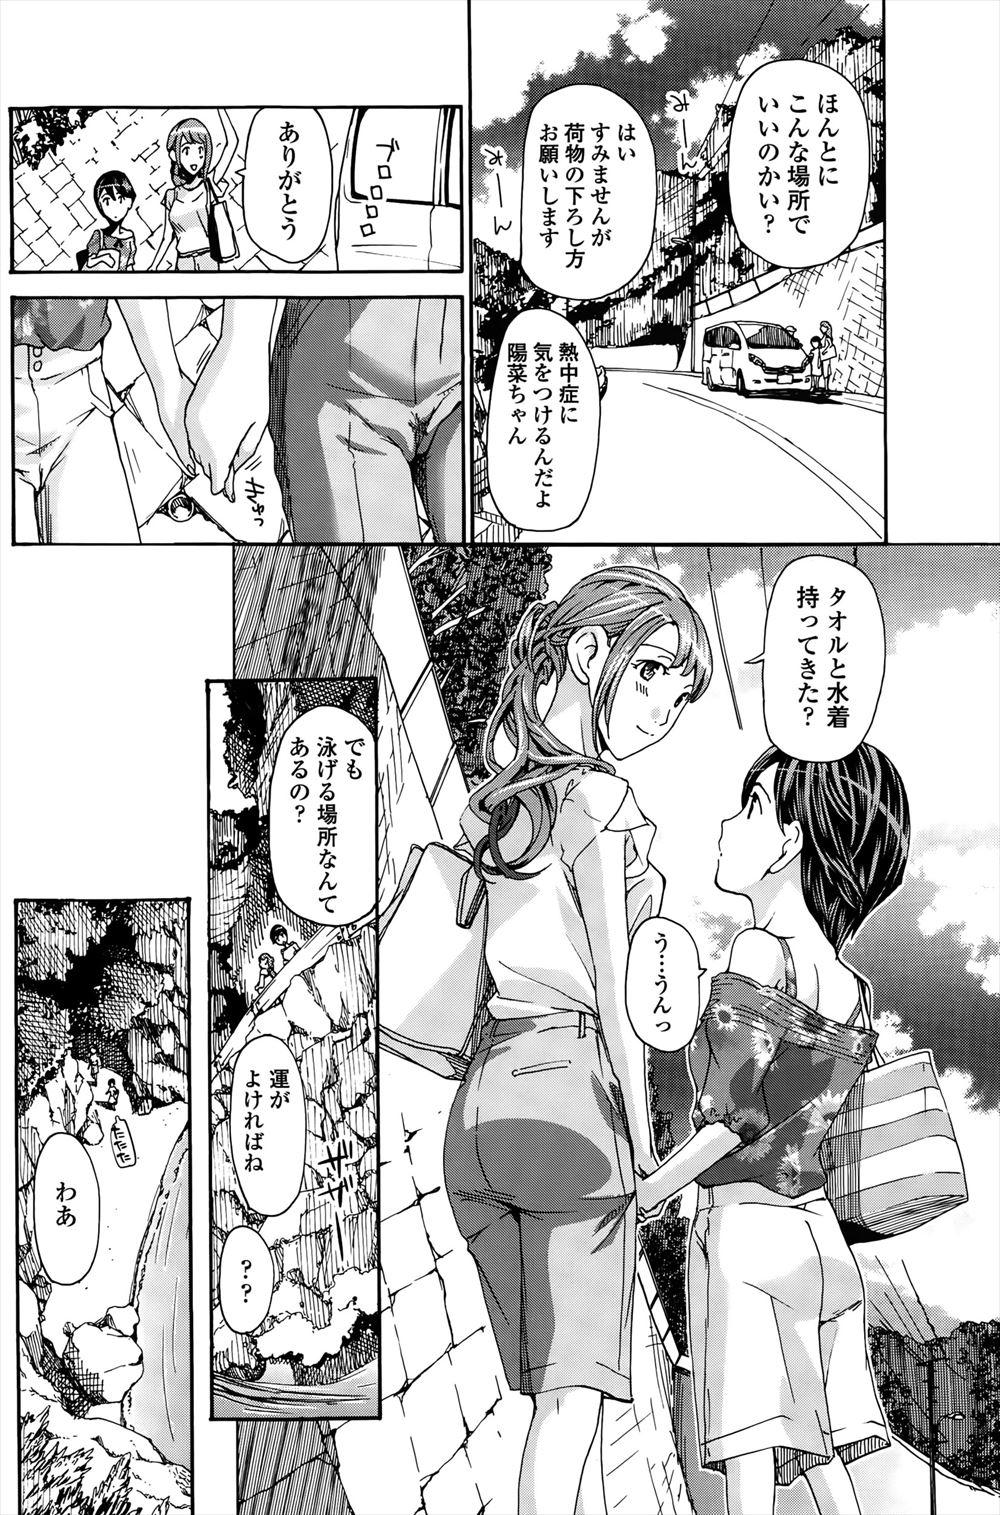 【エロ漫画・エロ同人誌】年上の巨乳彼女と付き合ってるちっぱい少女が青姦レズセックスしてるンゴwww (8)